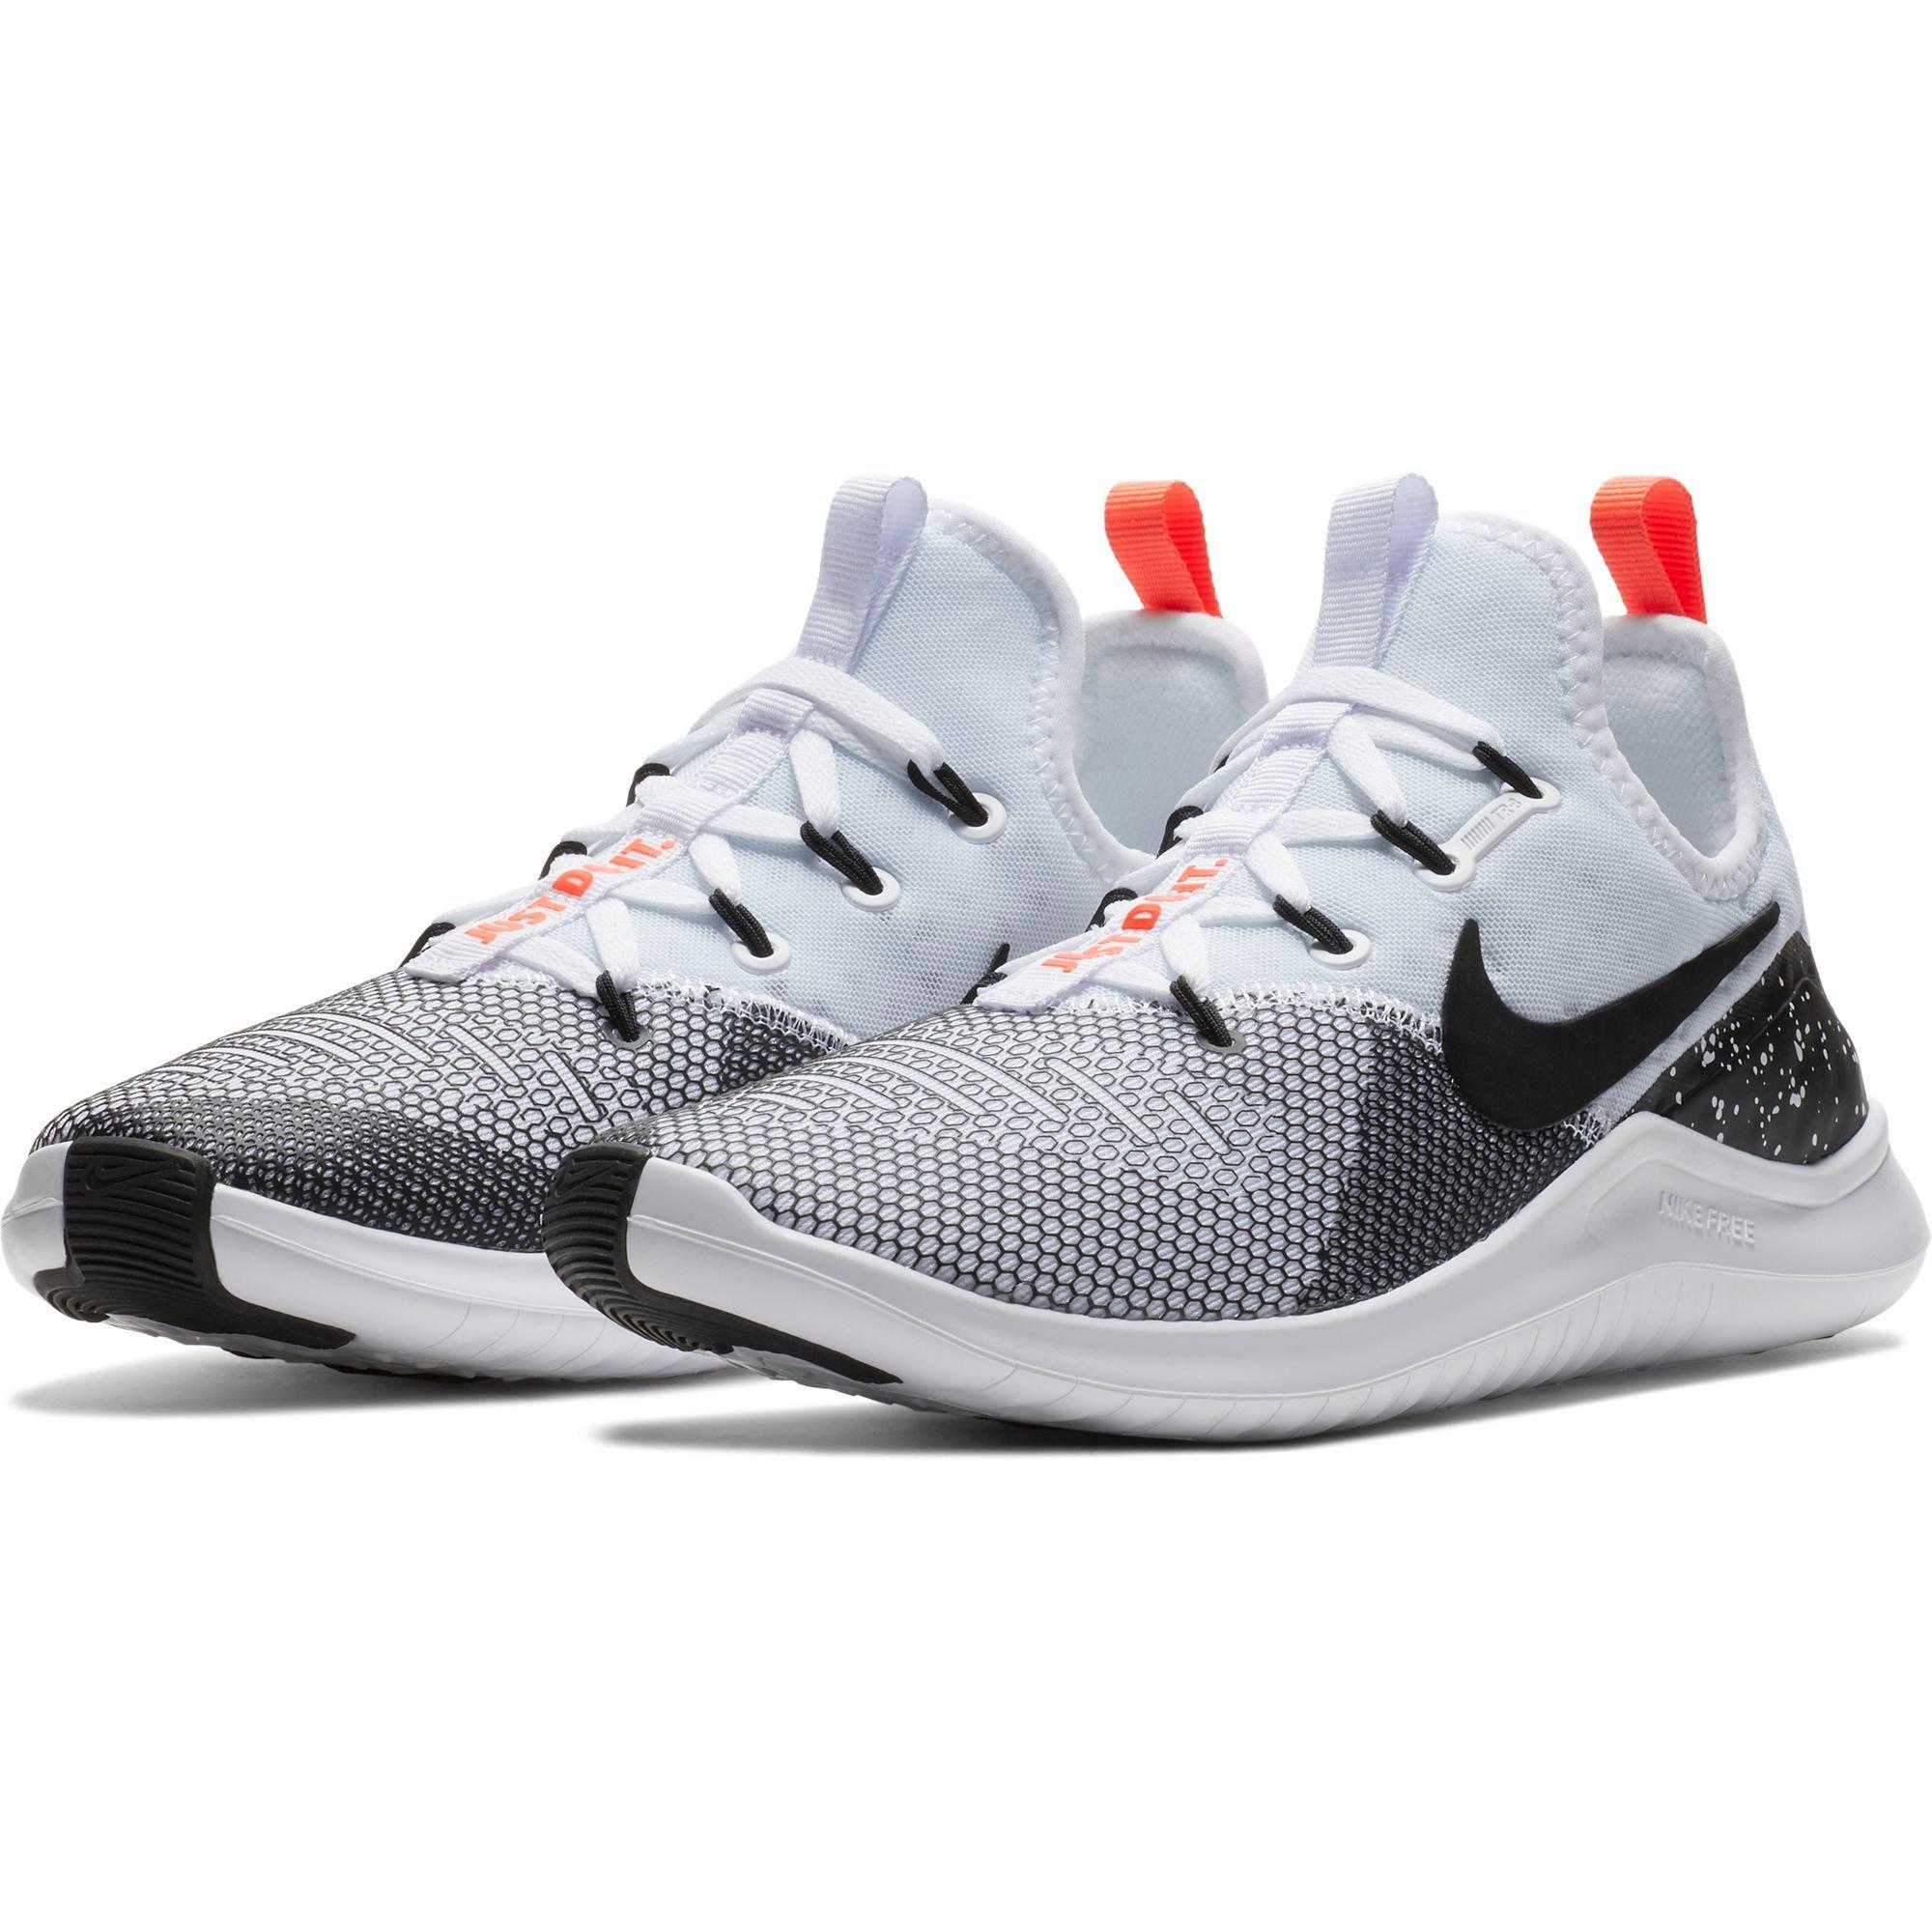 Nike Tr Libre 8 En Los Pies aclaramiento última para barato edición limitada Ggqu28